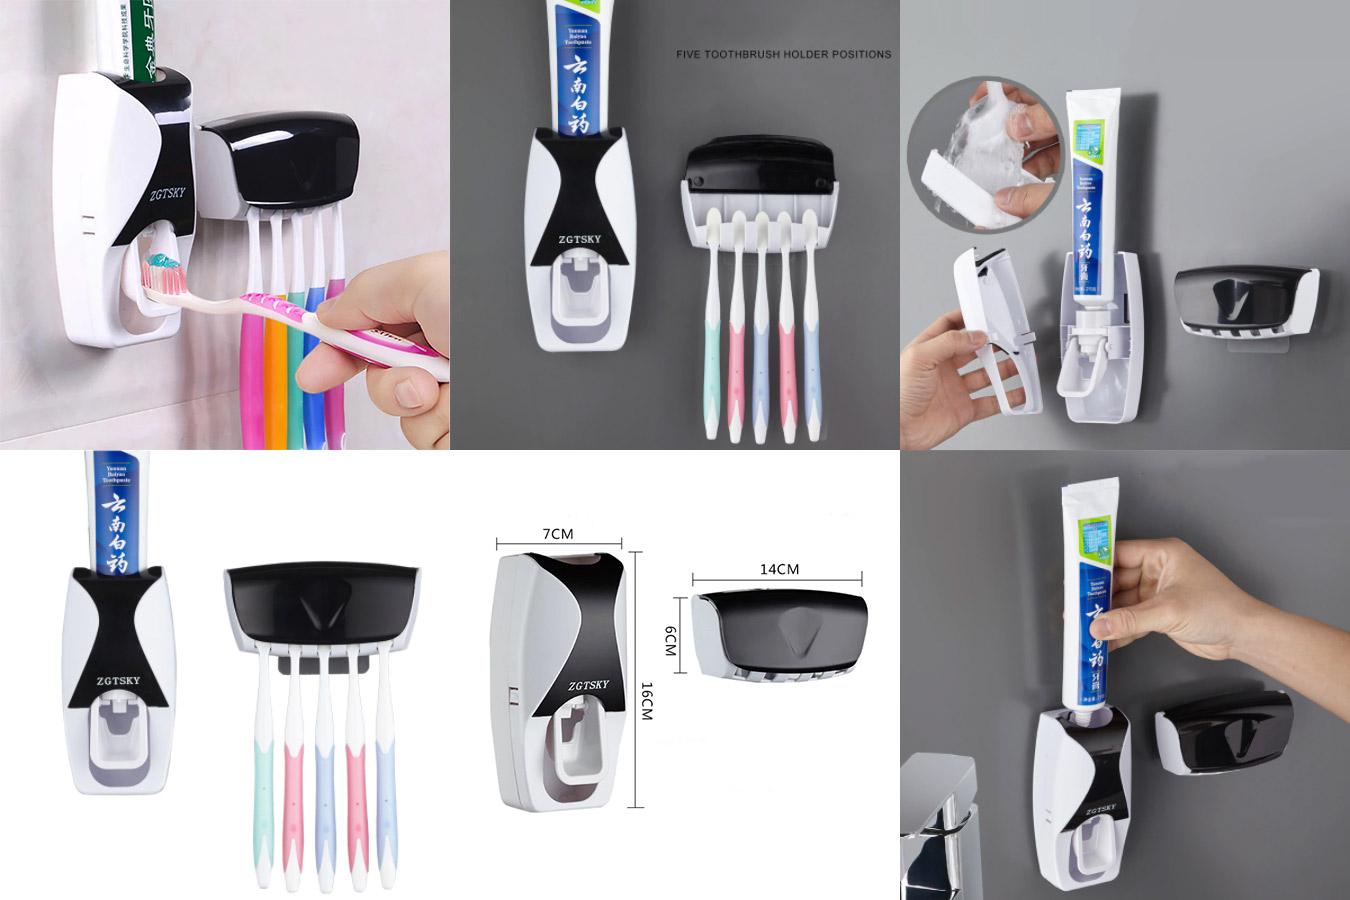 Автоматический стильный дозатор для зубной пасты